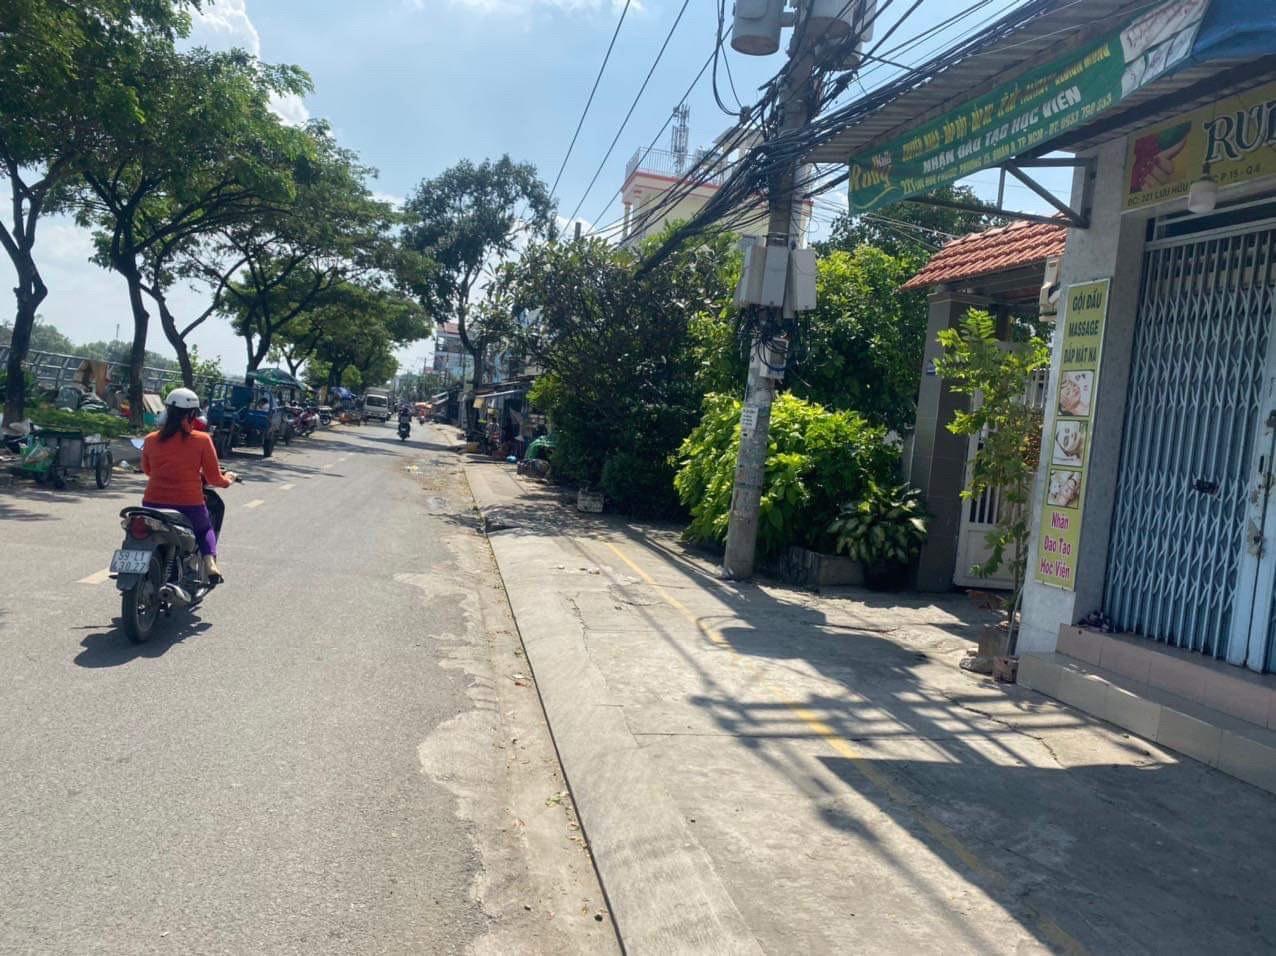 Bán nhà 3 tấm Hẻm xe hơi đường Lưu Hữu Phước phường 15 Quận 8